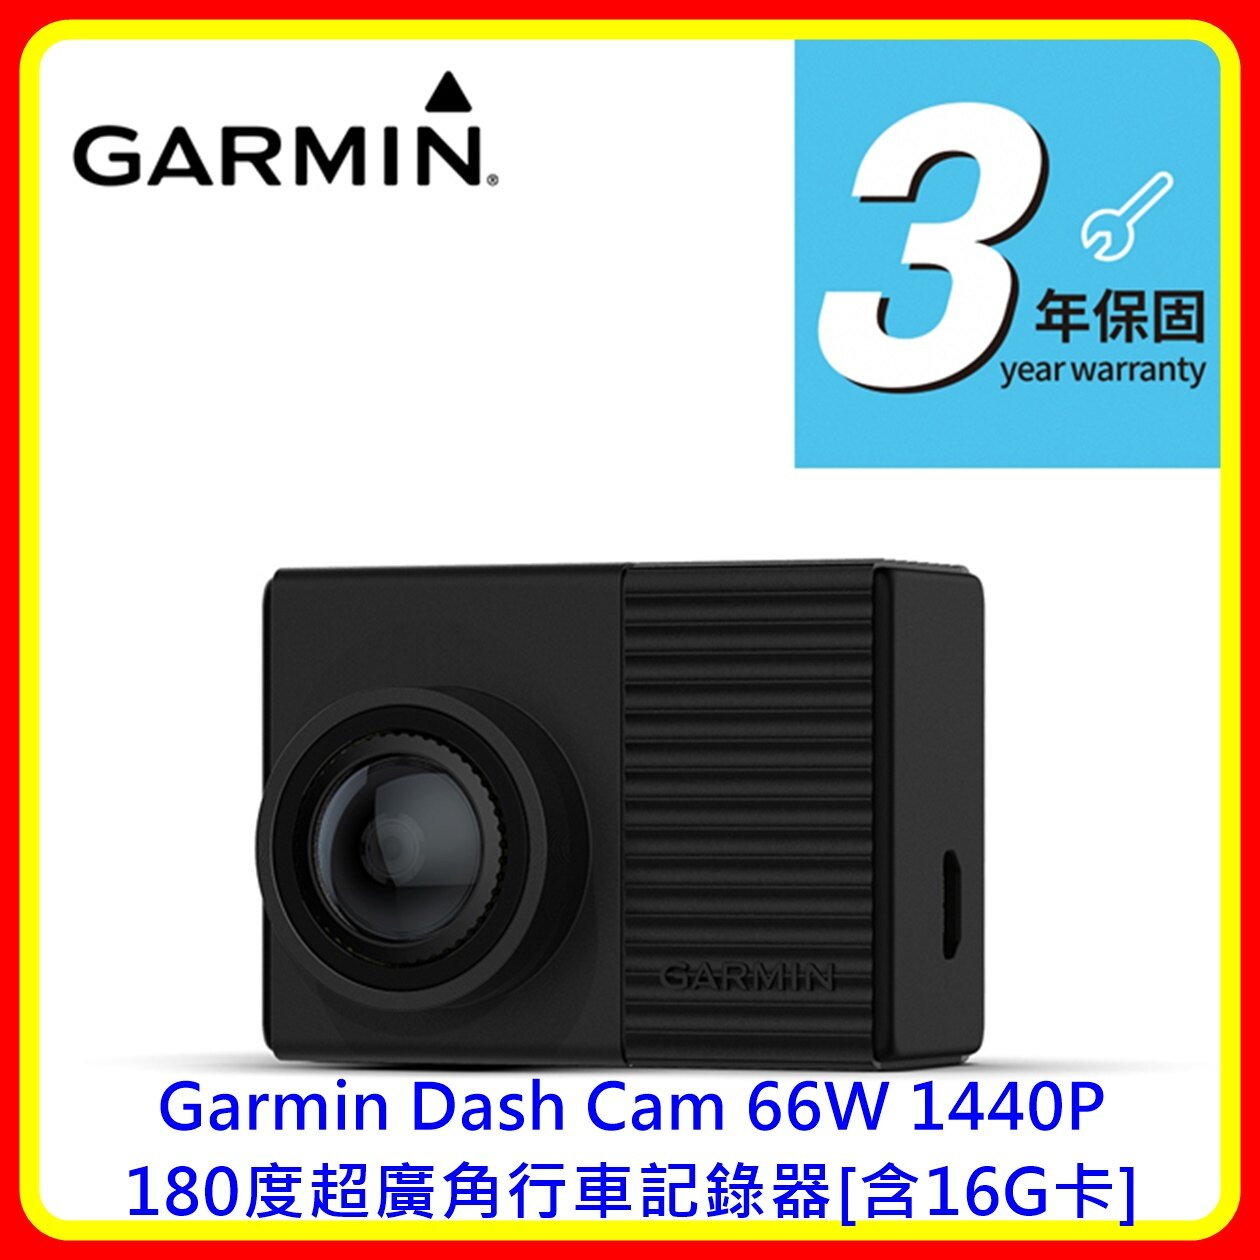 【現貨 含稅】Garmin Dash Cam 66W 1440P 180度超廣角行車記錄器[含16G卡]台灣公司貨